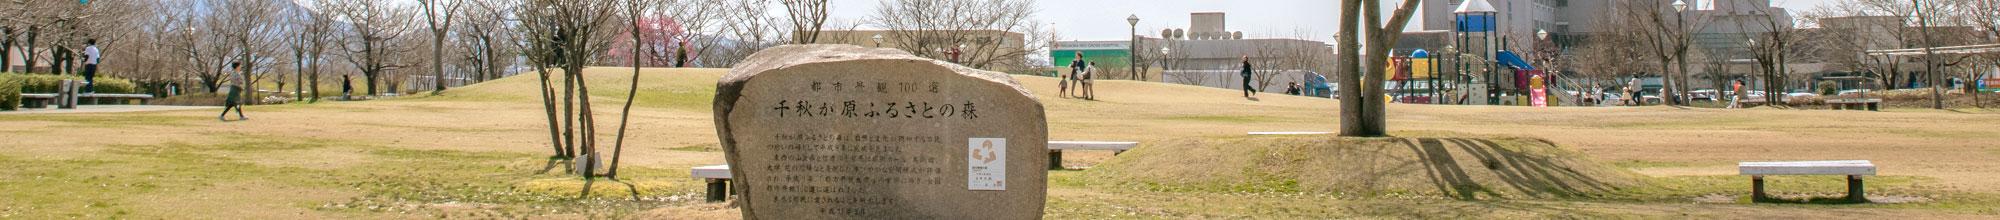 千秋が原ふるさとの森 - 長岡市を中心に建設・土木・建築資材をお届けします